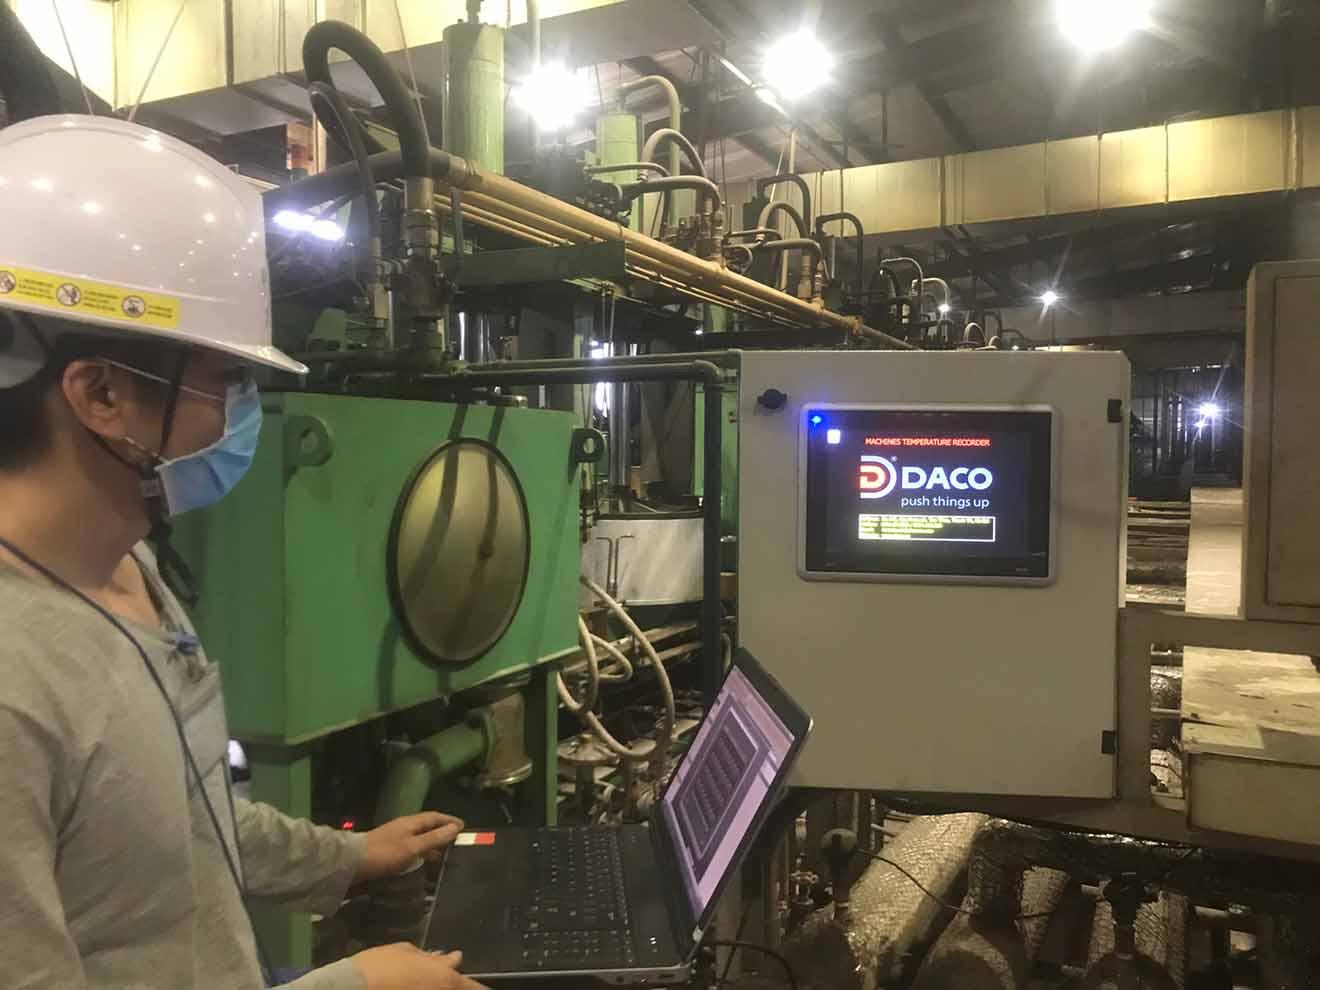 SEEACT-SCADA-Tire Hệ thống quản lý giám sát nhiệt độ & đếm sản phẩm máy lò làm lốp xe: Thực tế